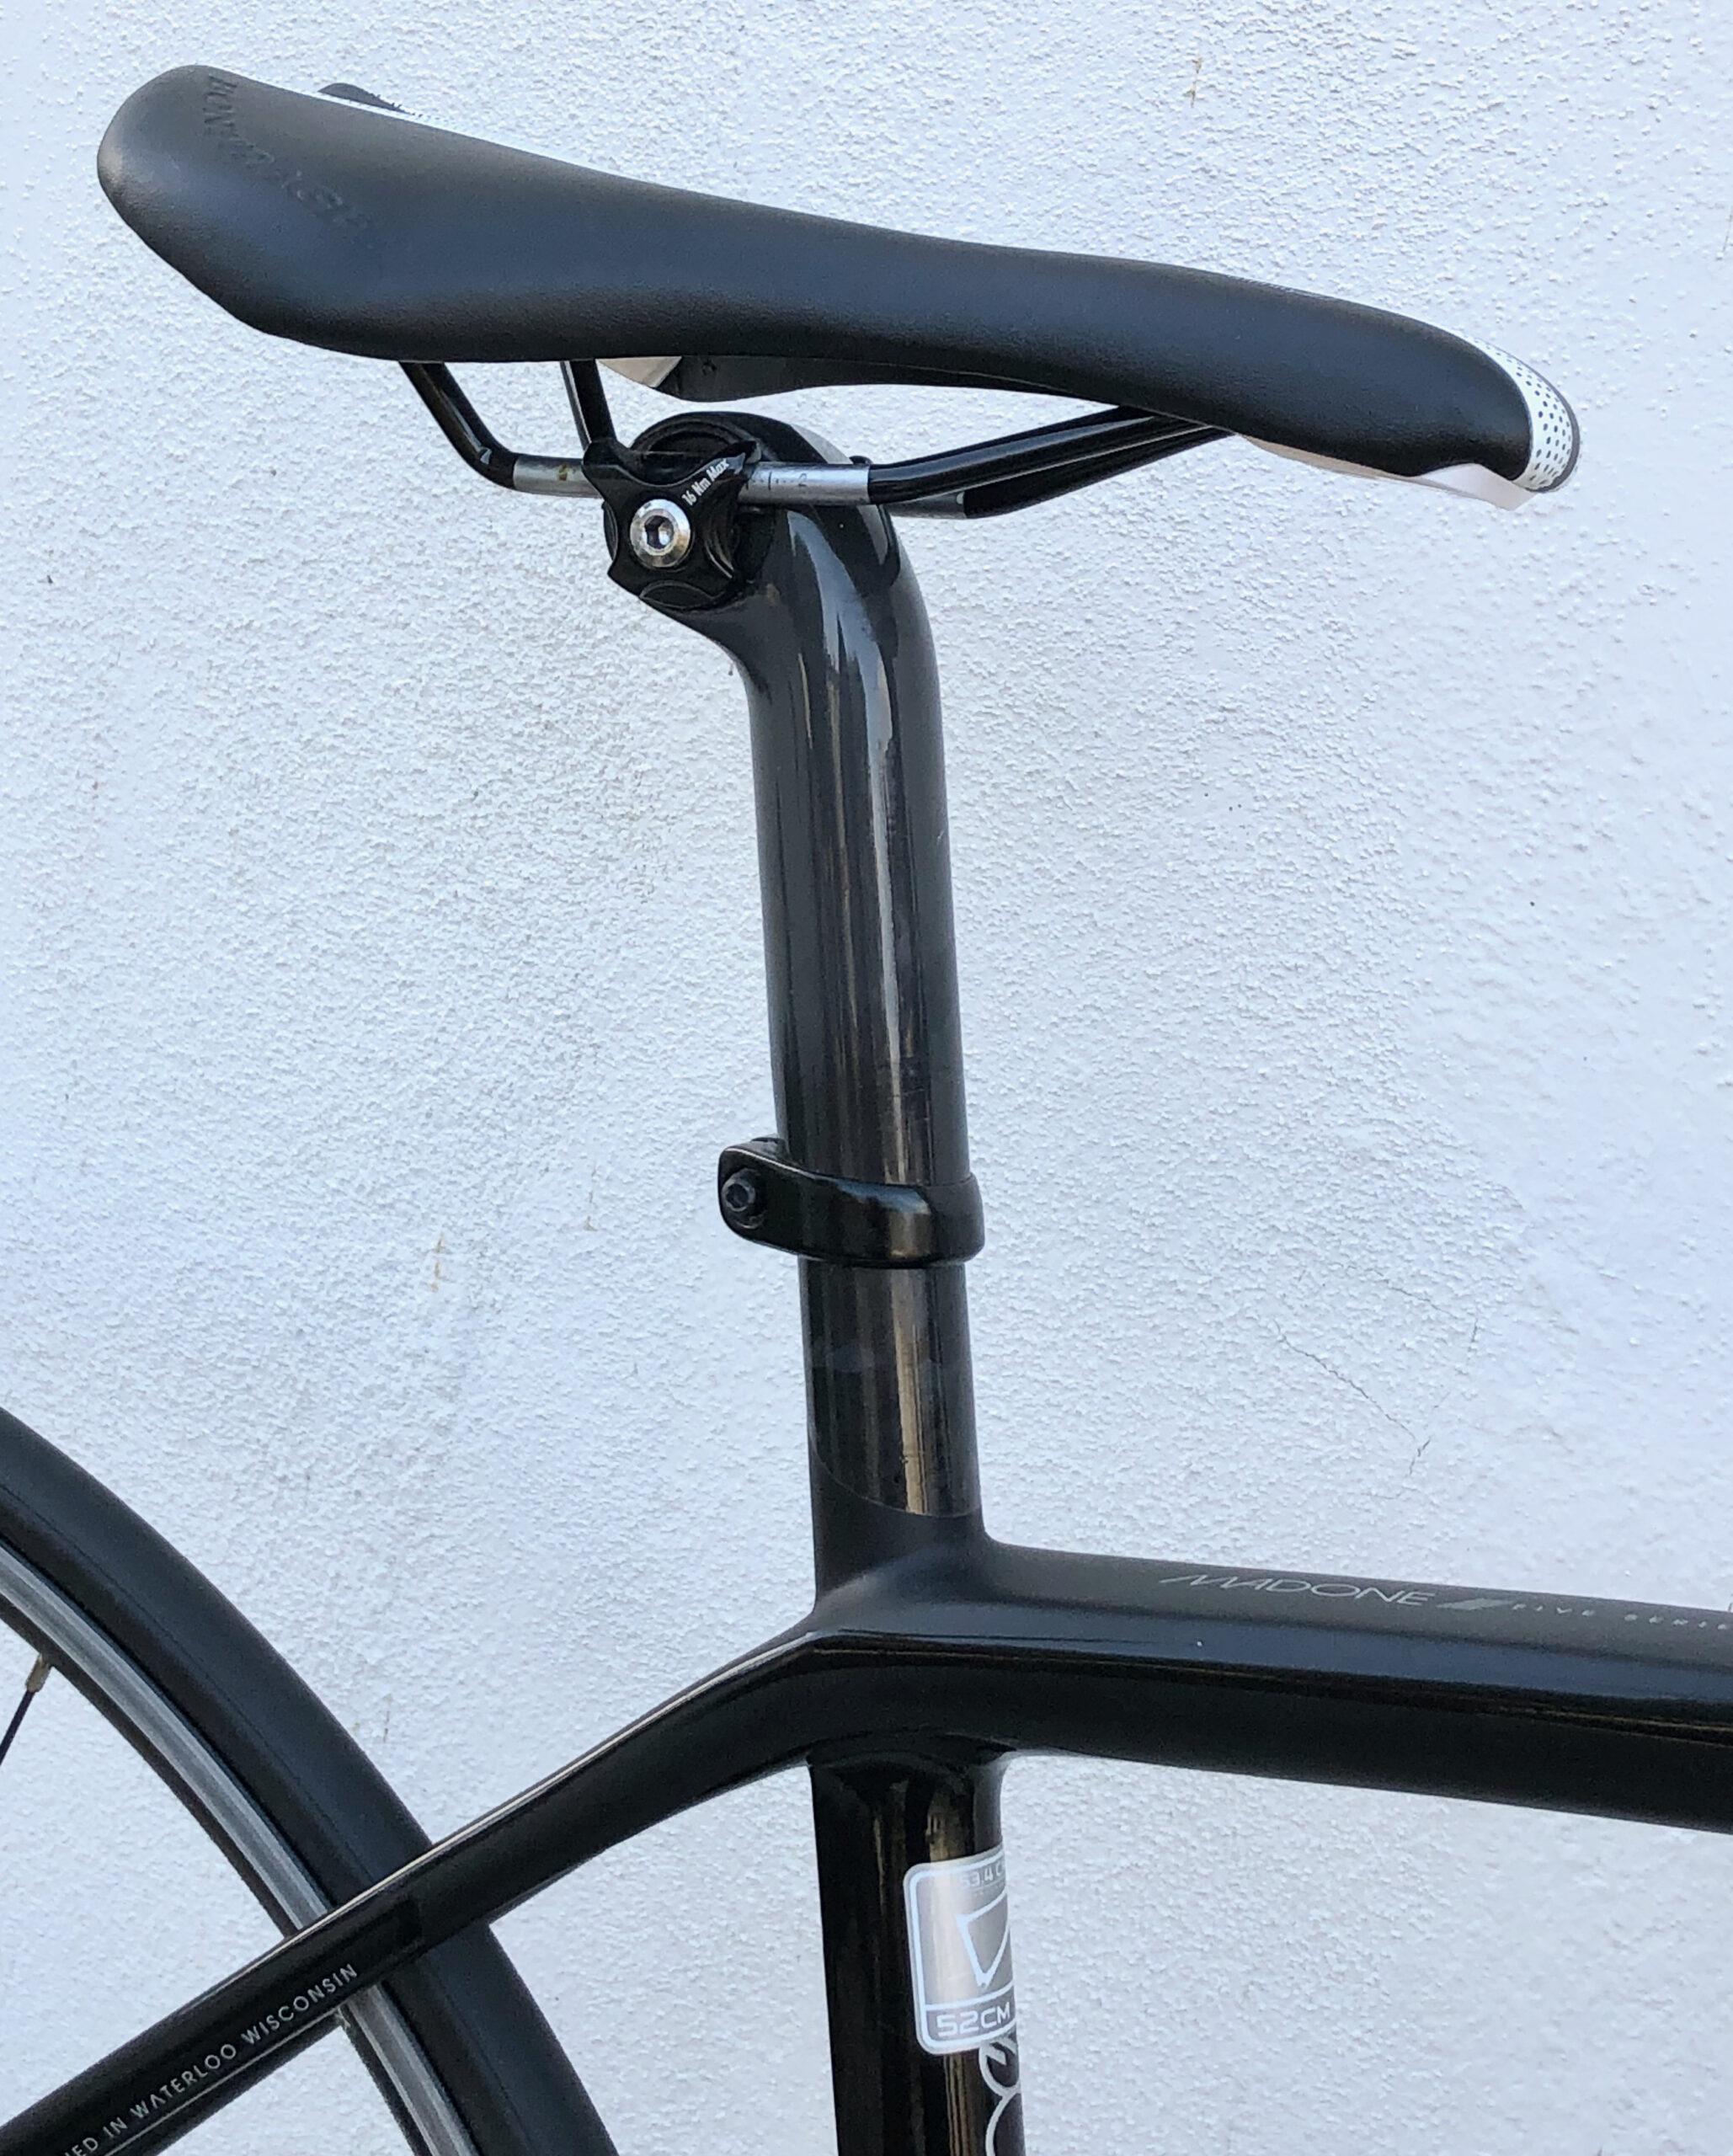 Trek Madone 5.2 Ultegra 6800 11 sp Full Carbon Professional Road Bike 52 cm